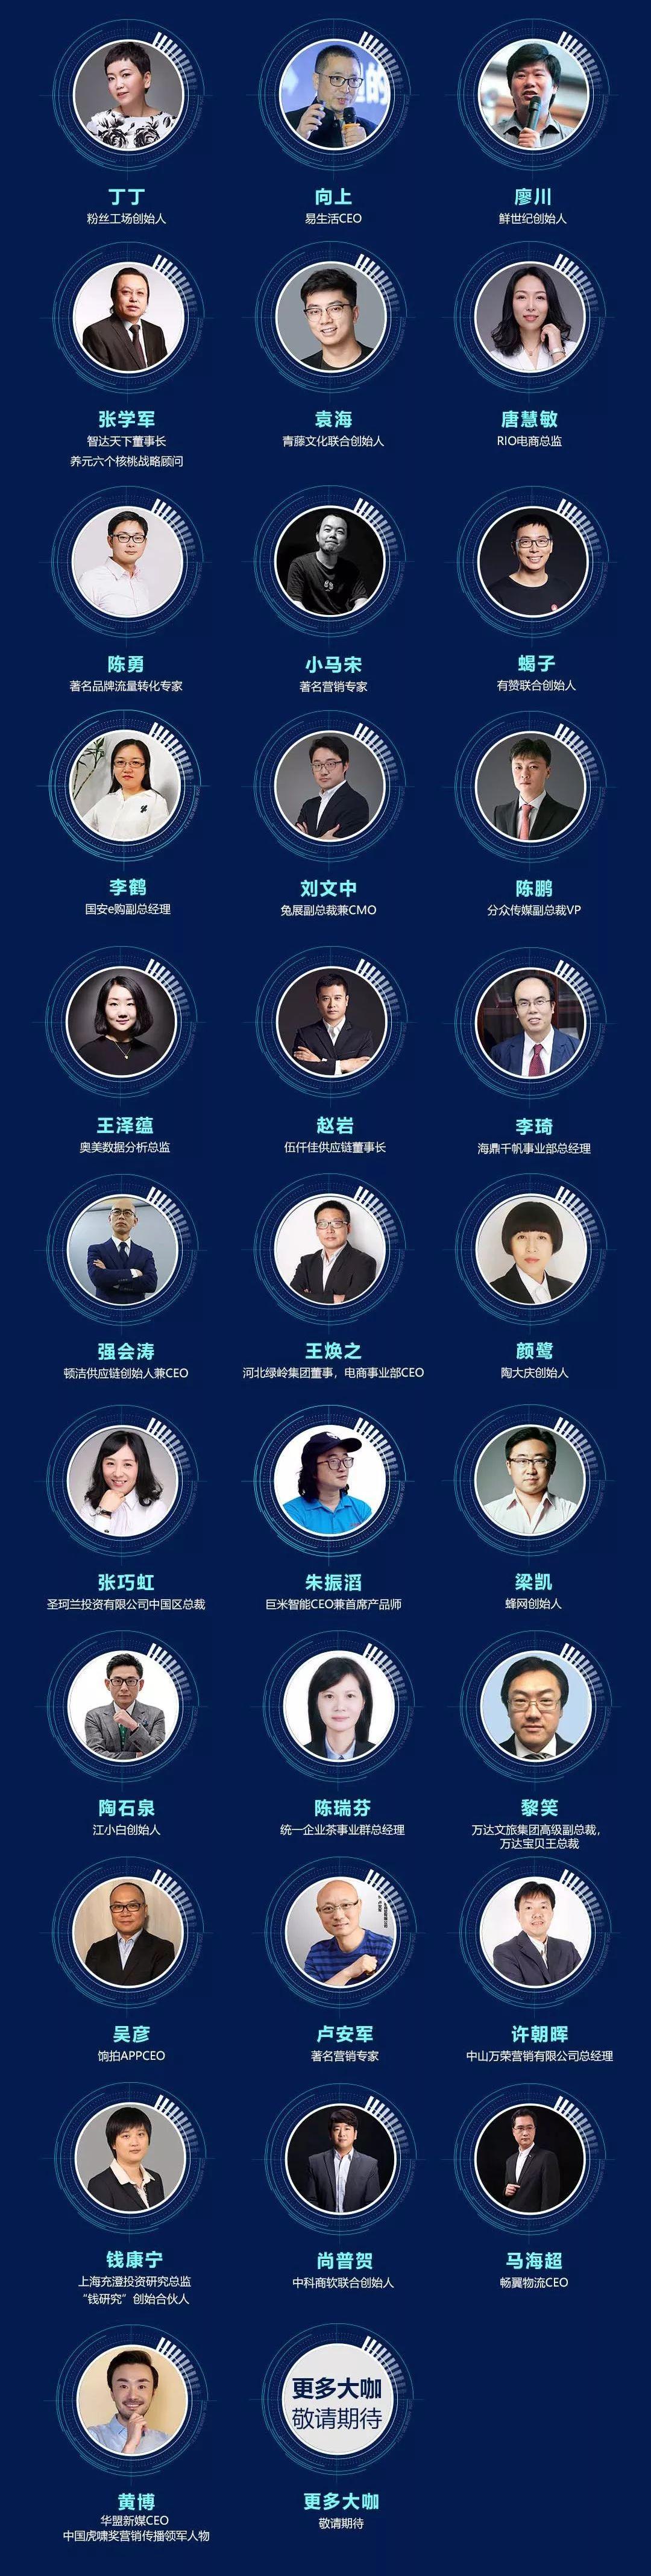 """确认!消时乐将出席""""FDIC2018中国快消品数字化创新大会"""""""